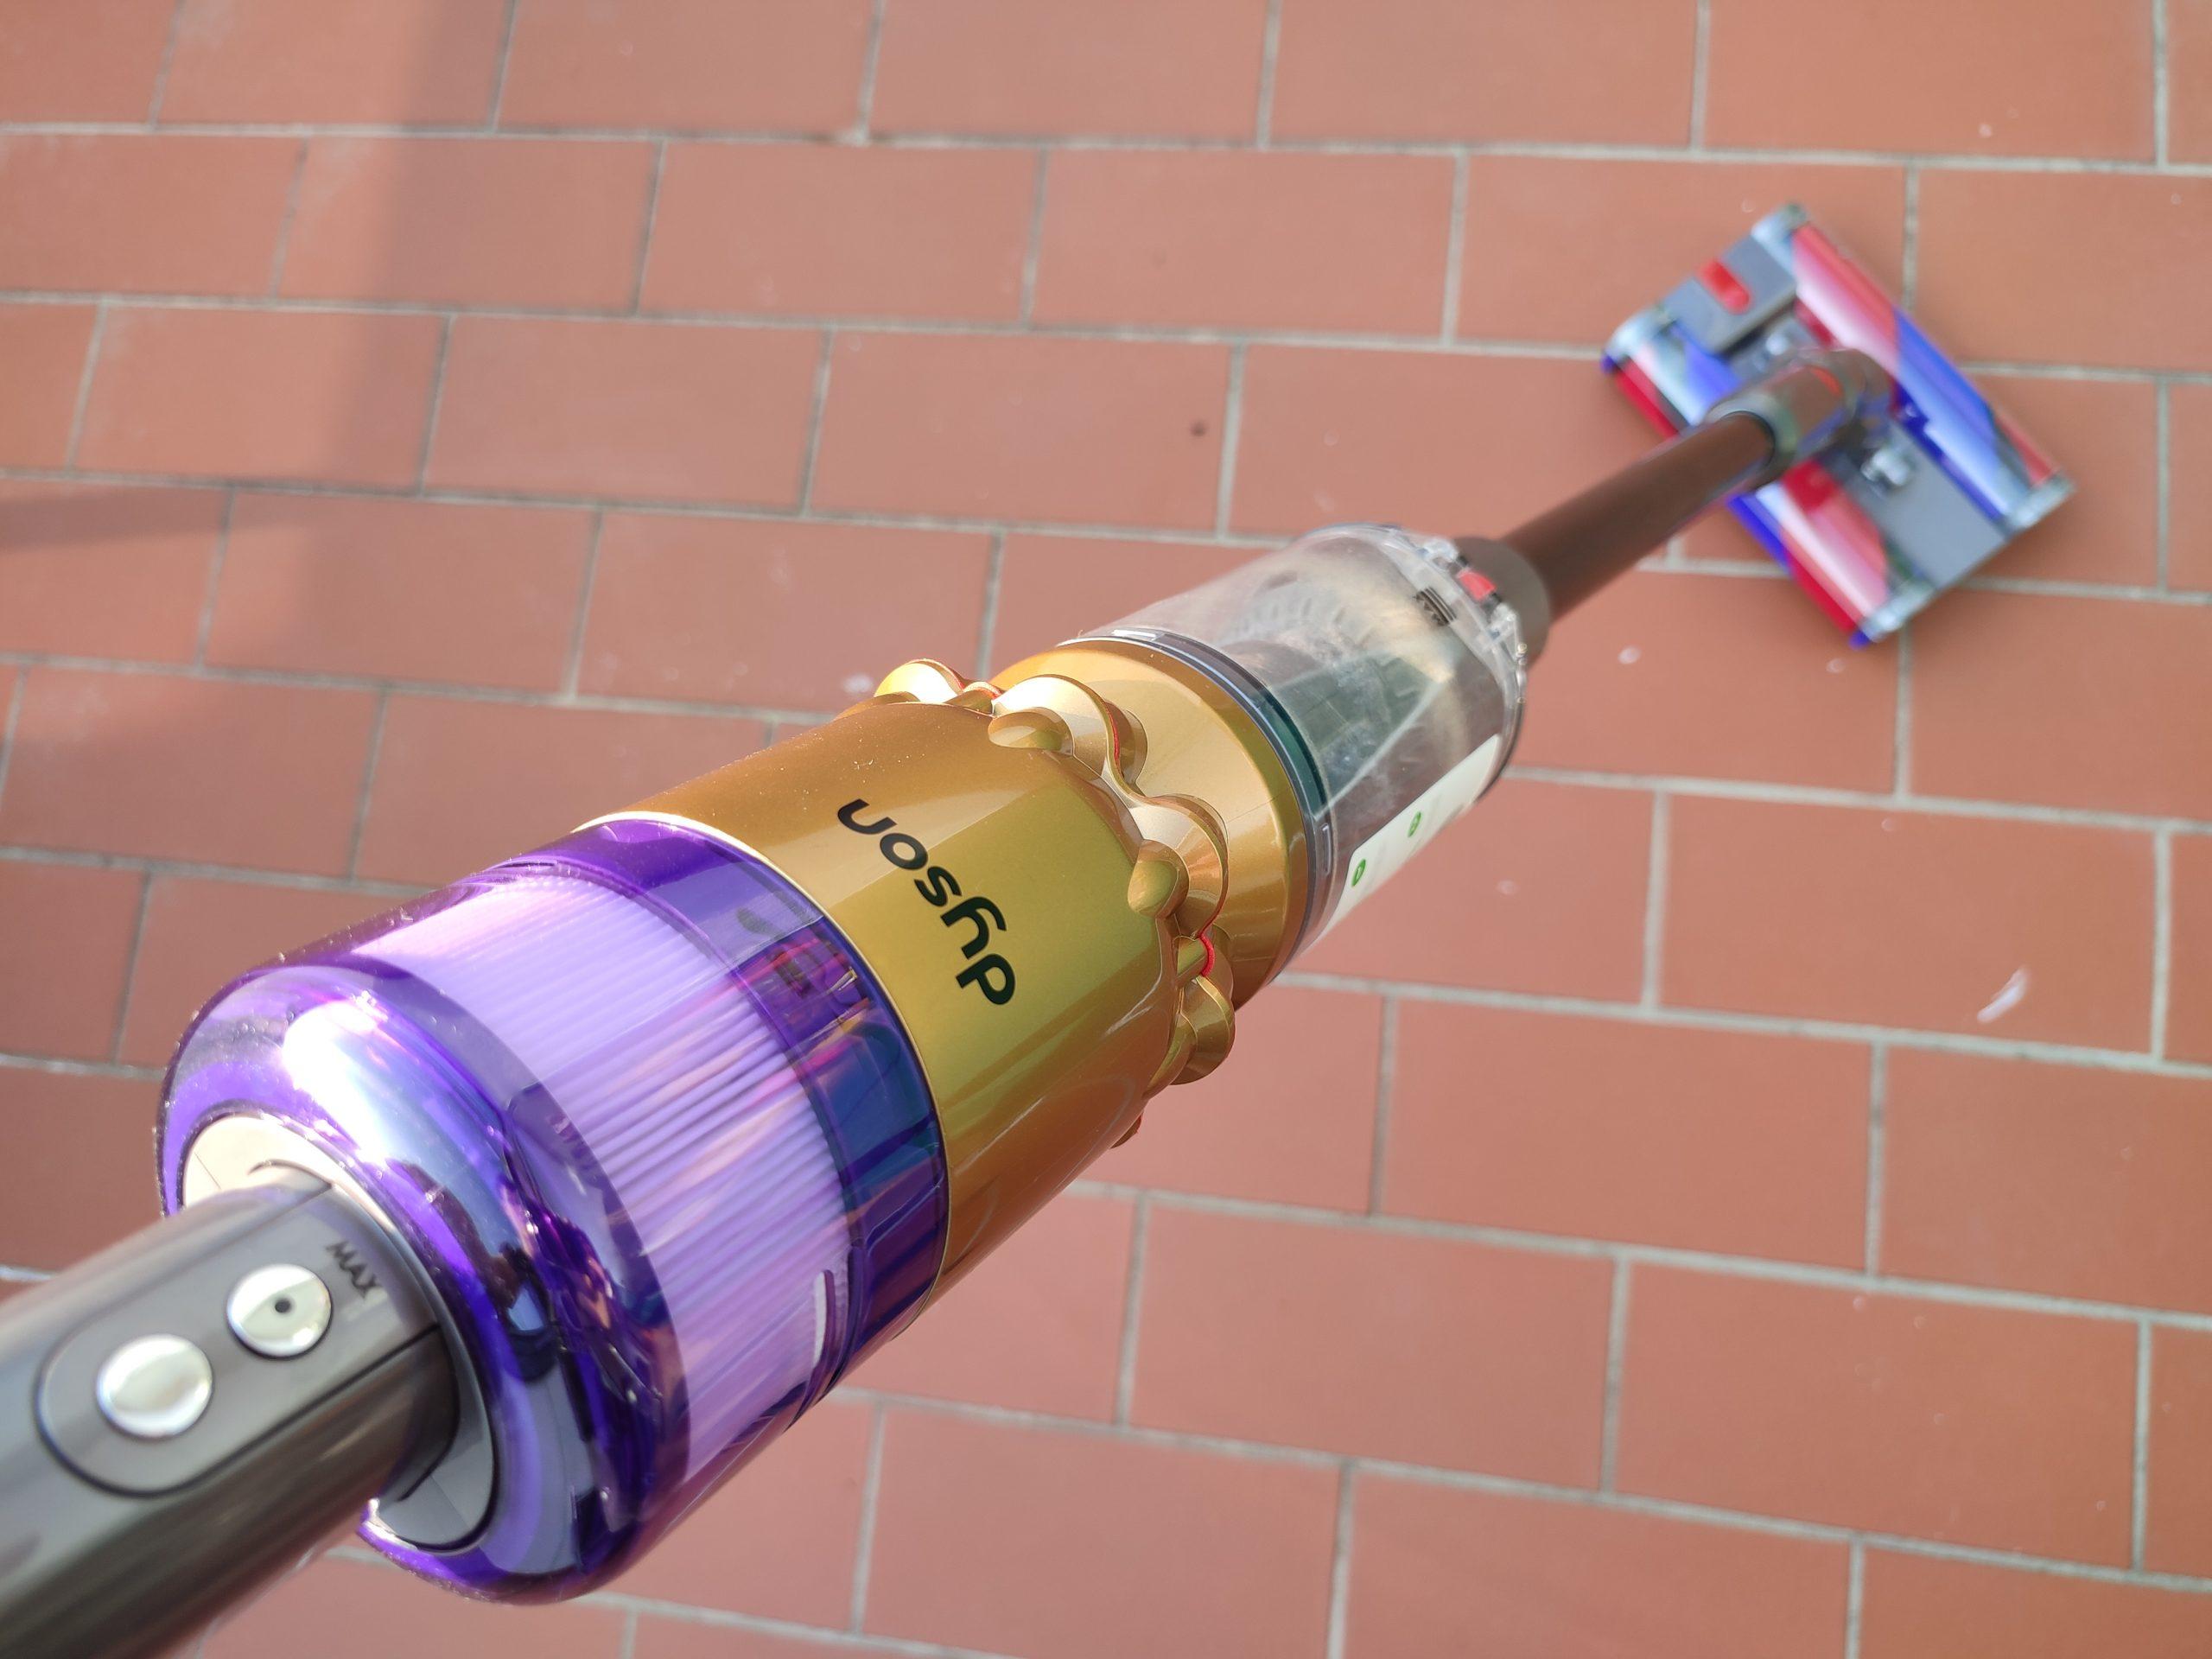 Dyson Omni-Glide Akkusauger auf Hartboden Balkon Fliesen